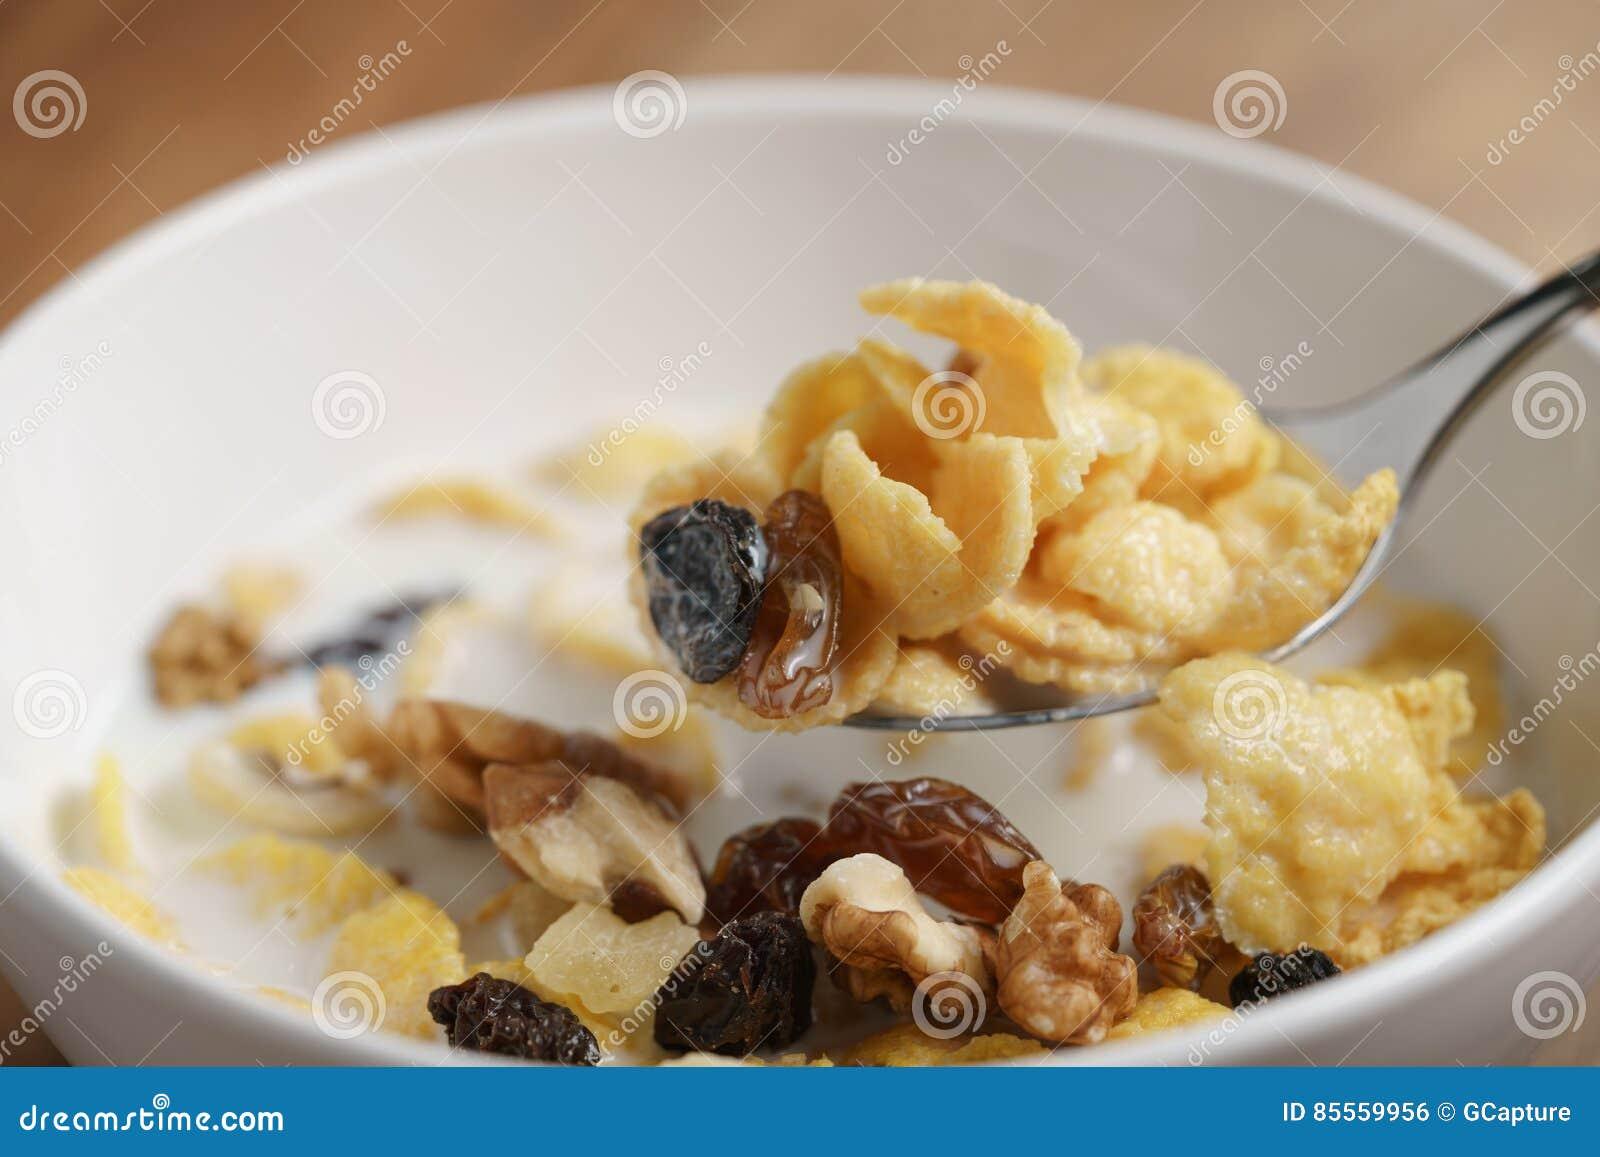 Essen von Corn Flakes mit Früchten und Nüssen in der weißen Schüssel